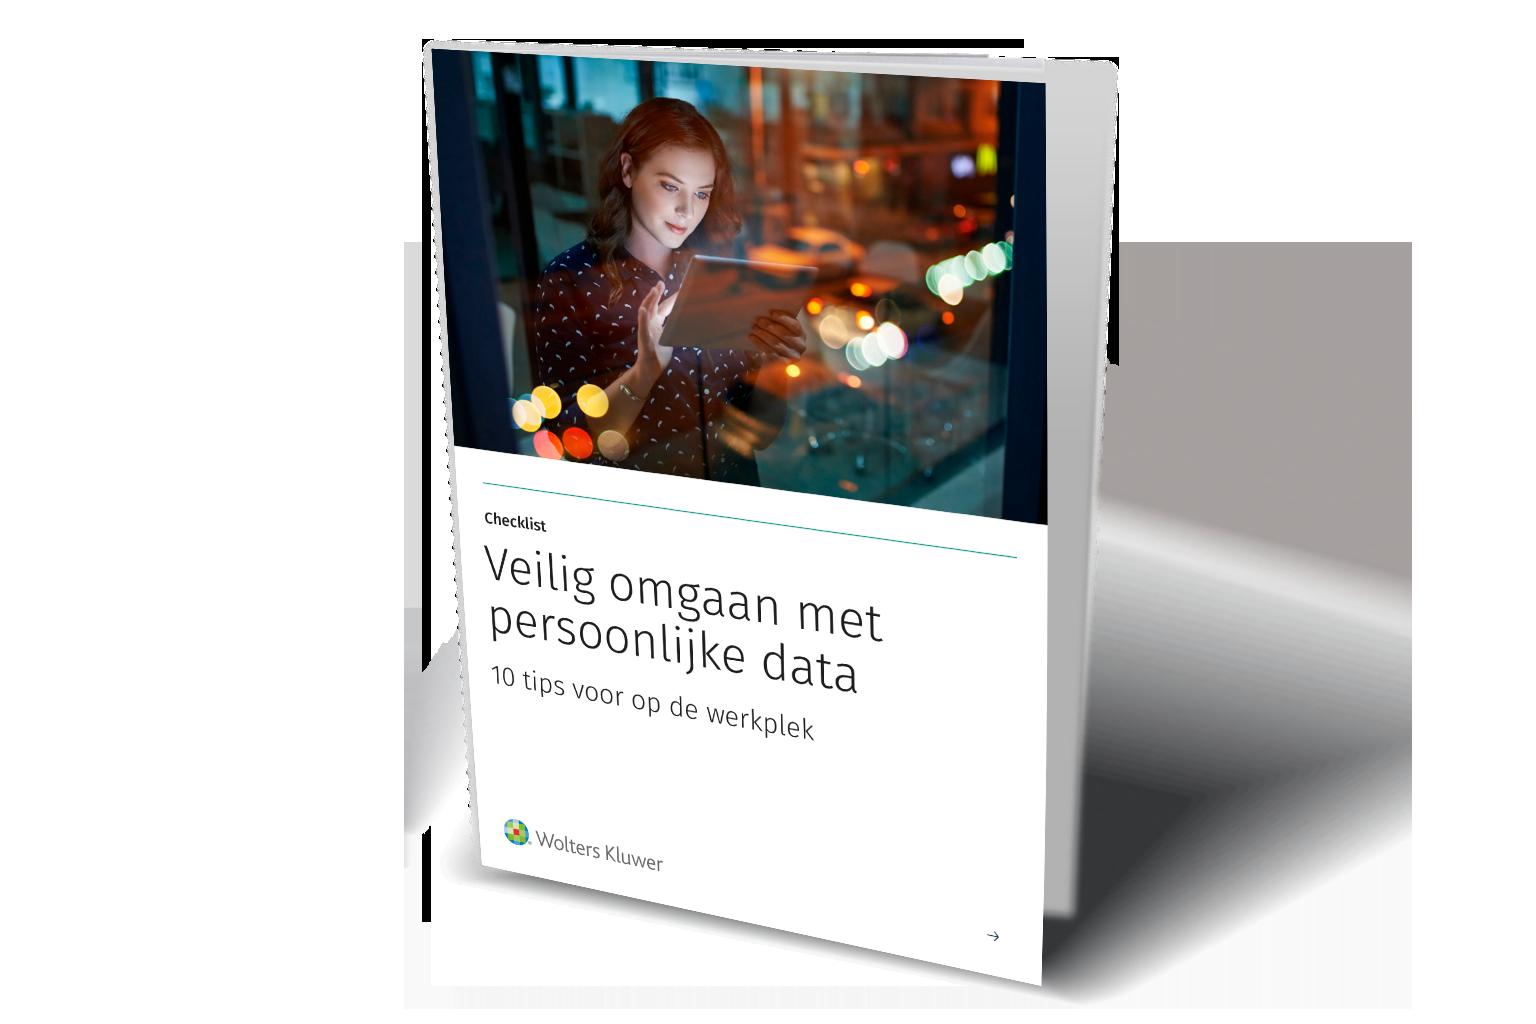 Cover whitepaper Veilig omgaan met persoonlijke data